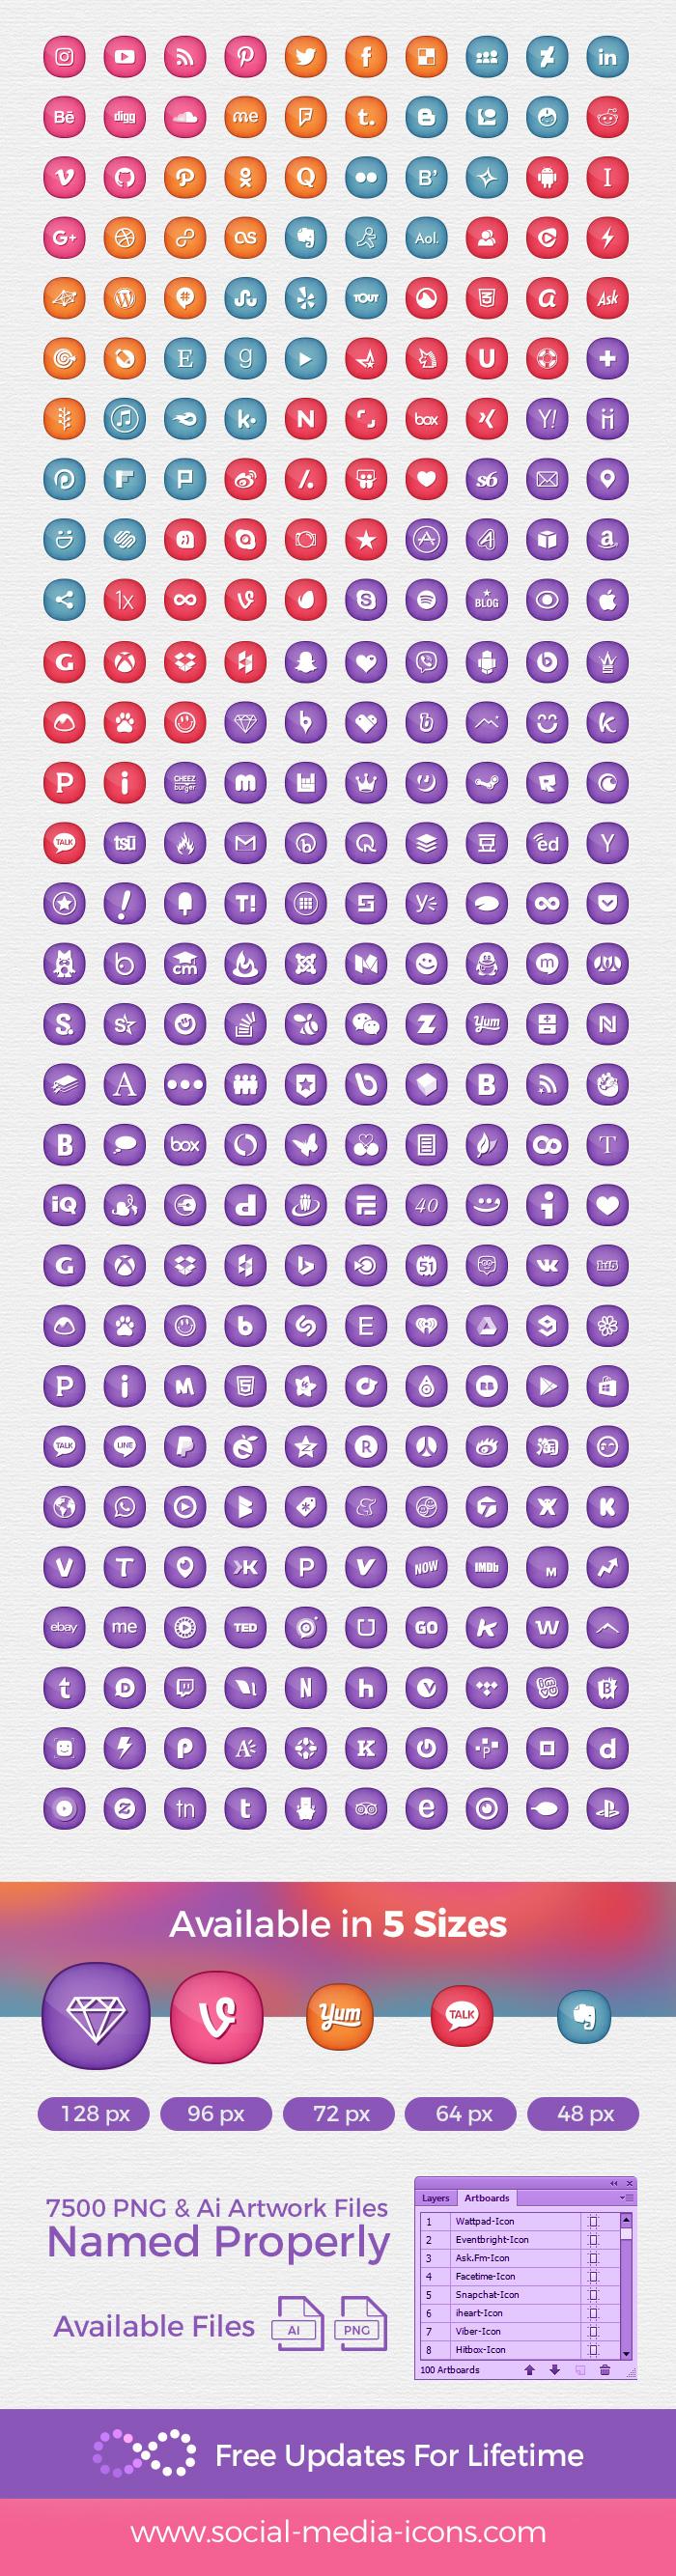 300-social-media-icons-set-for-feminine-girly-blogs-website-themes